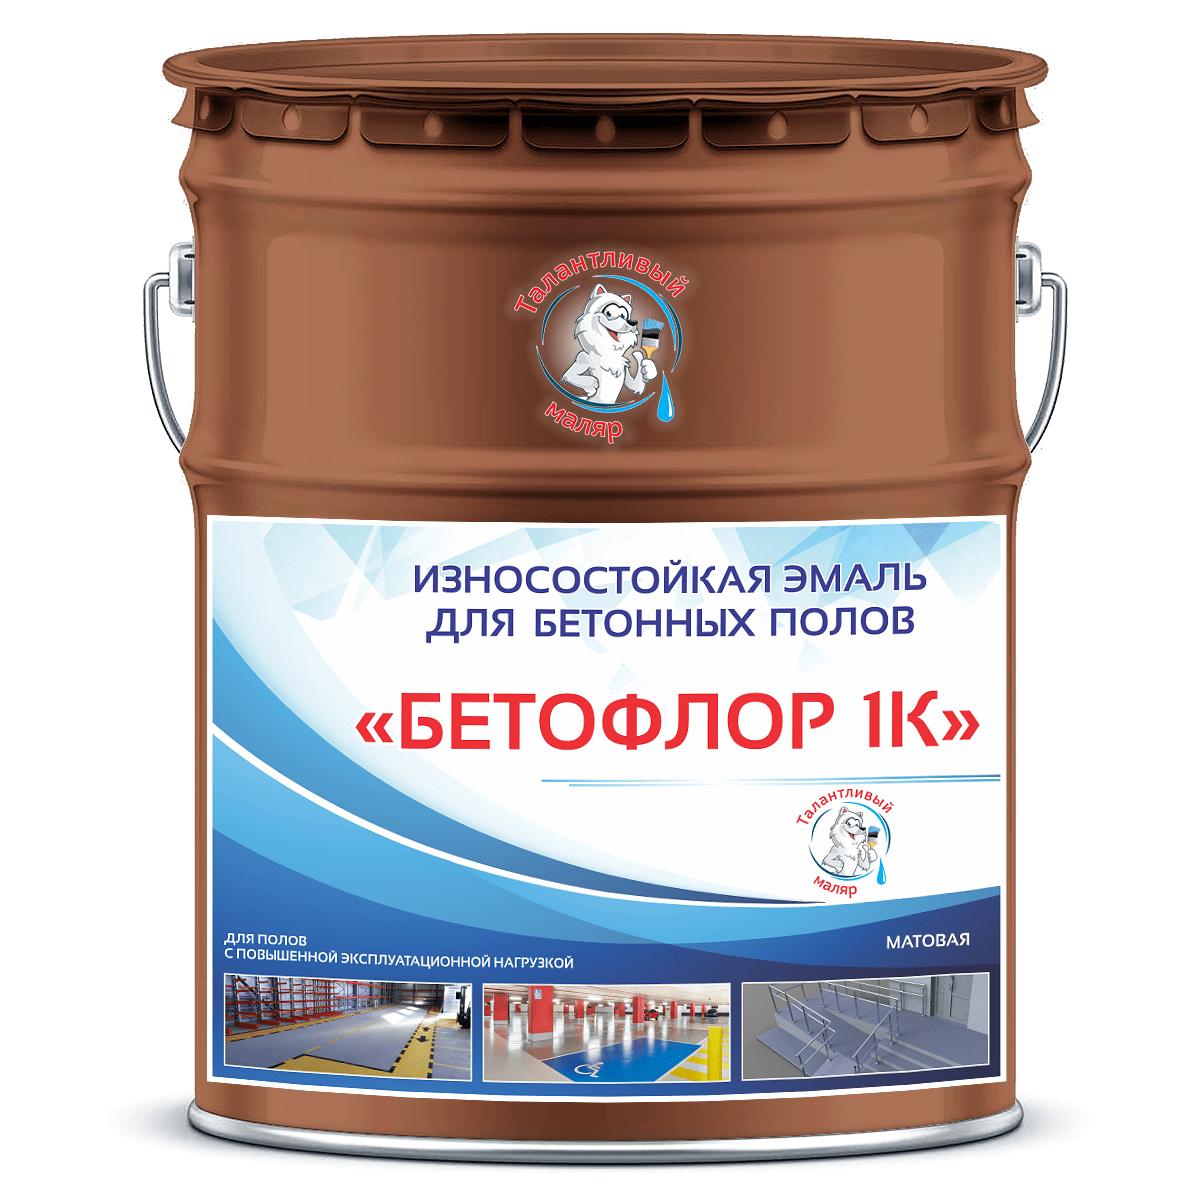 """Фото 5 - BF8004 Эмаль для бетонных полов """"Бетофлор"""" 1К цвет RAL 8004 Медно-коричневый, матовая износостойкая, 25 кг """"Талантливый Маляр""""."""